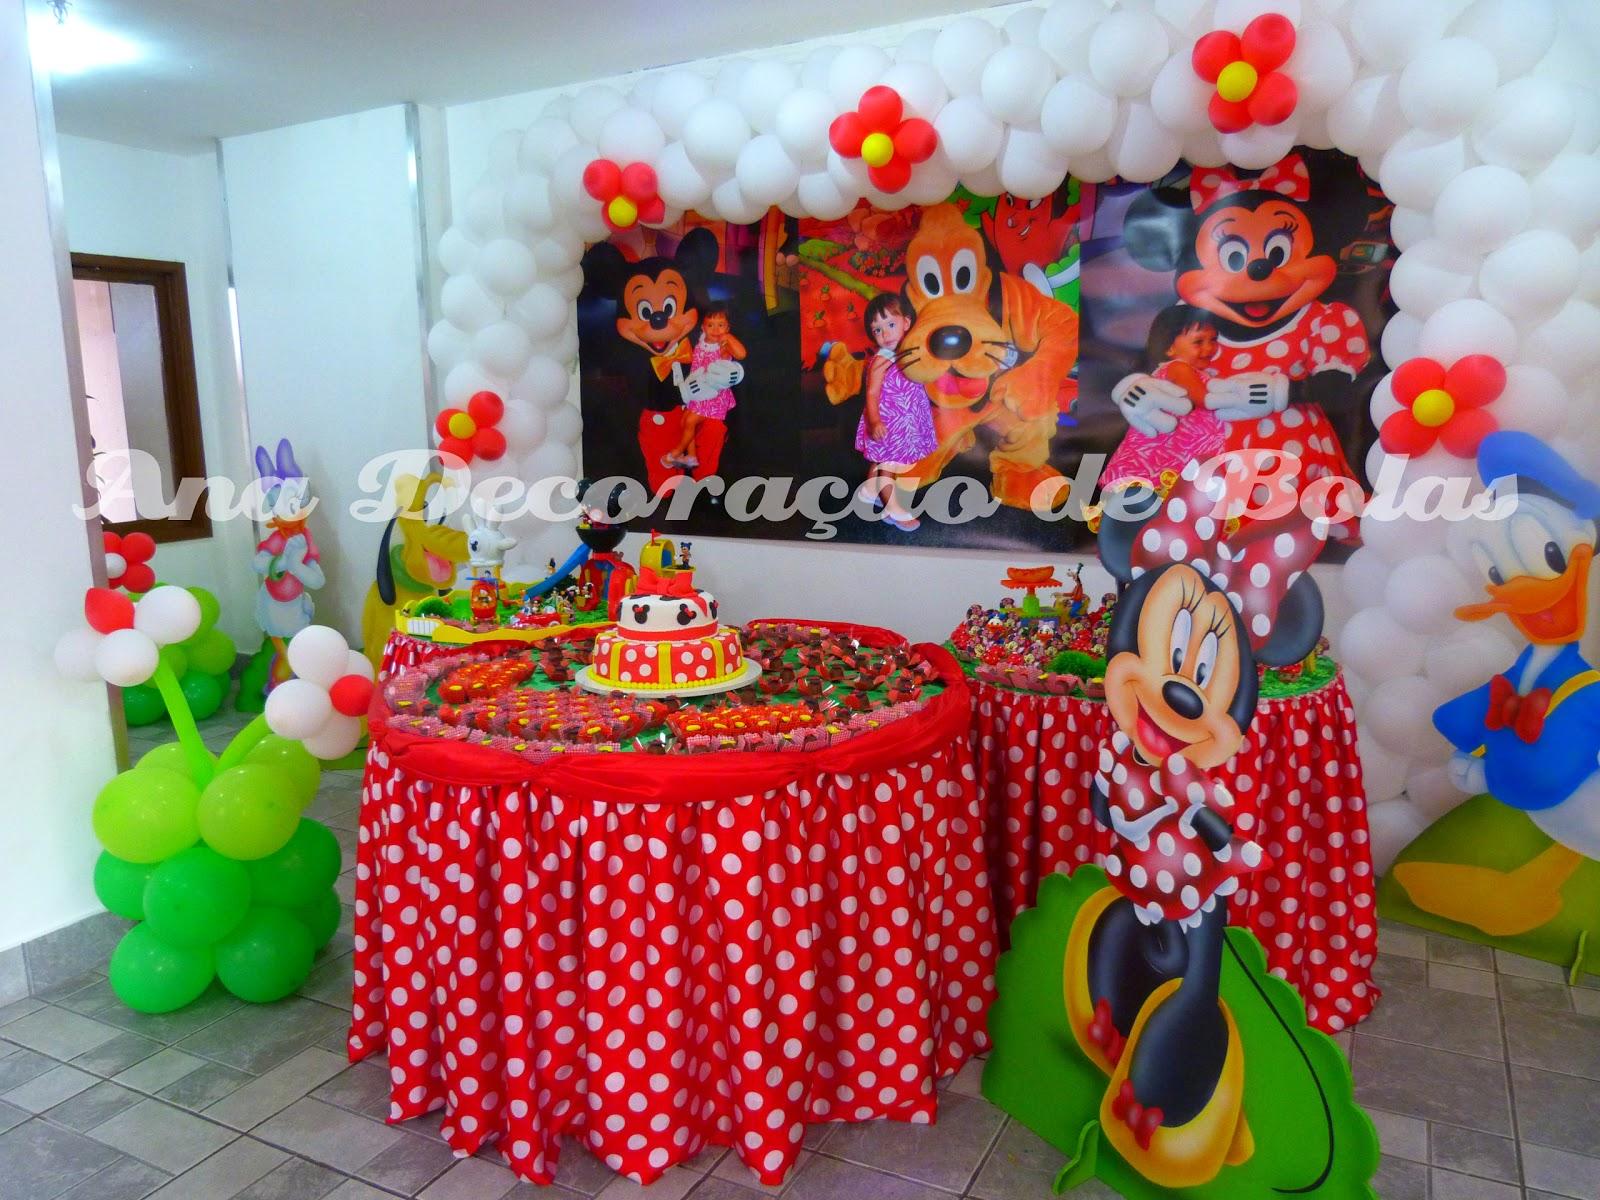 Ana Decoração de Bolas Festa Minnie Vermelha